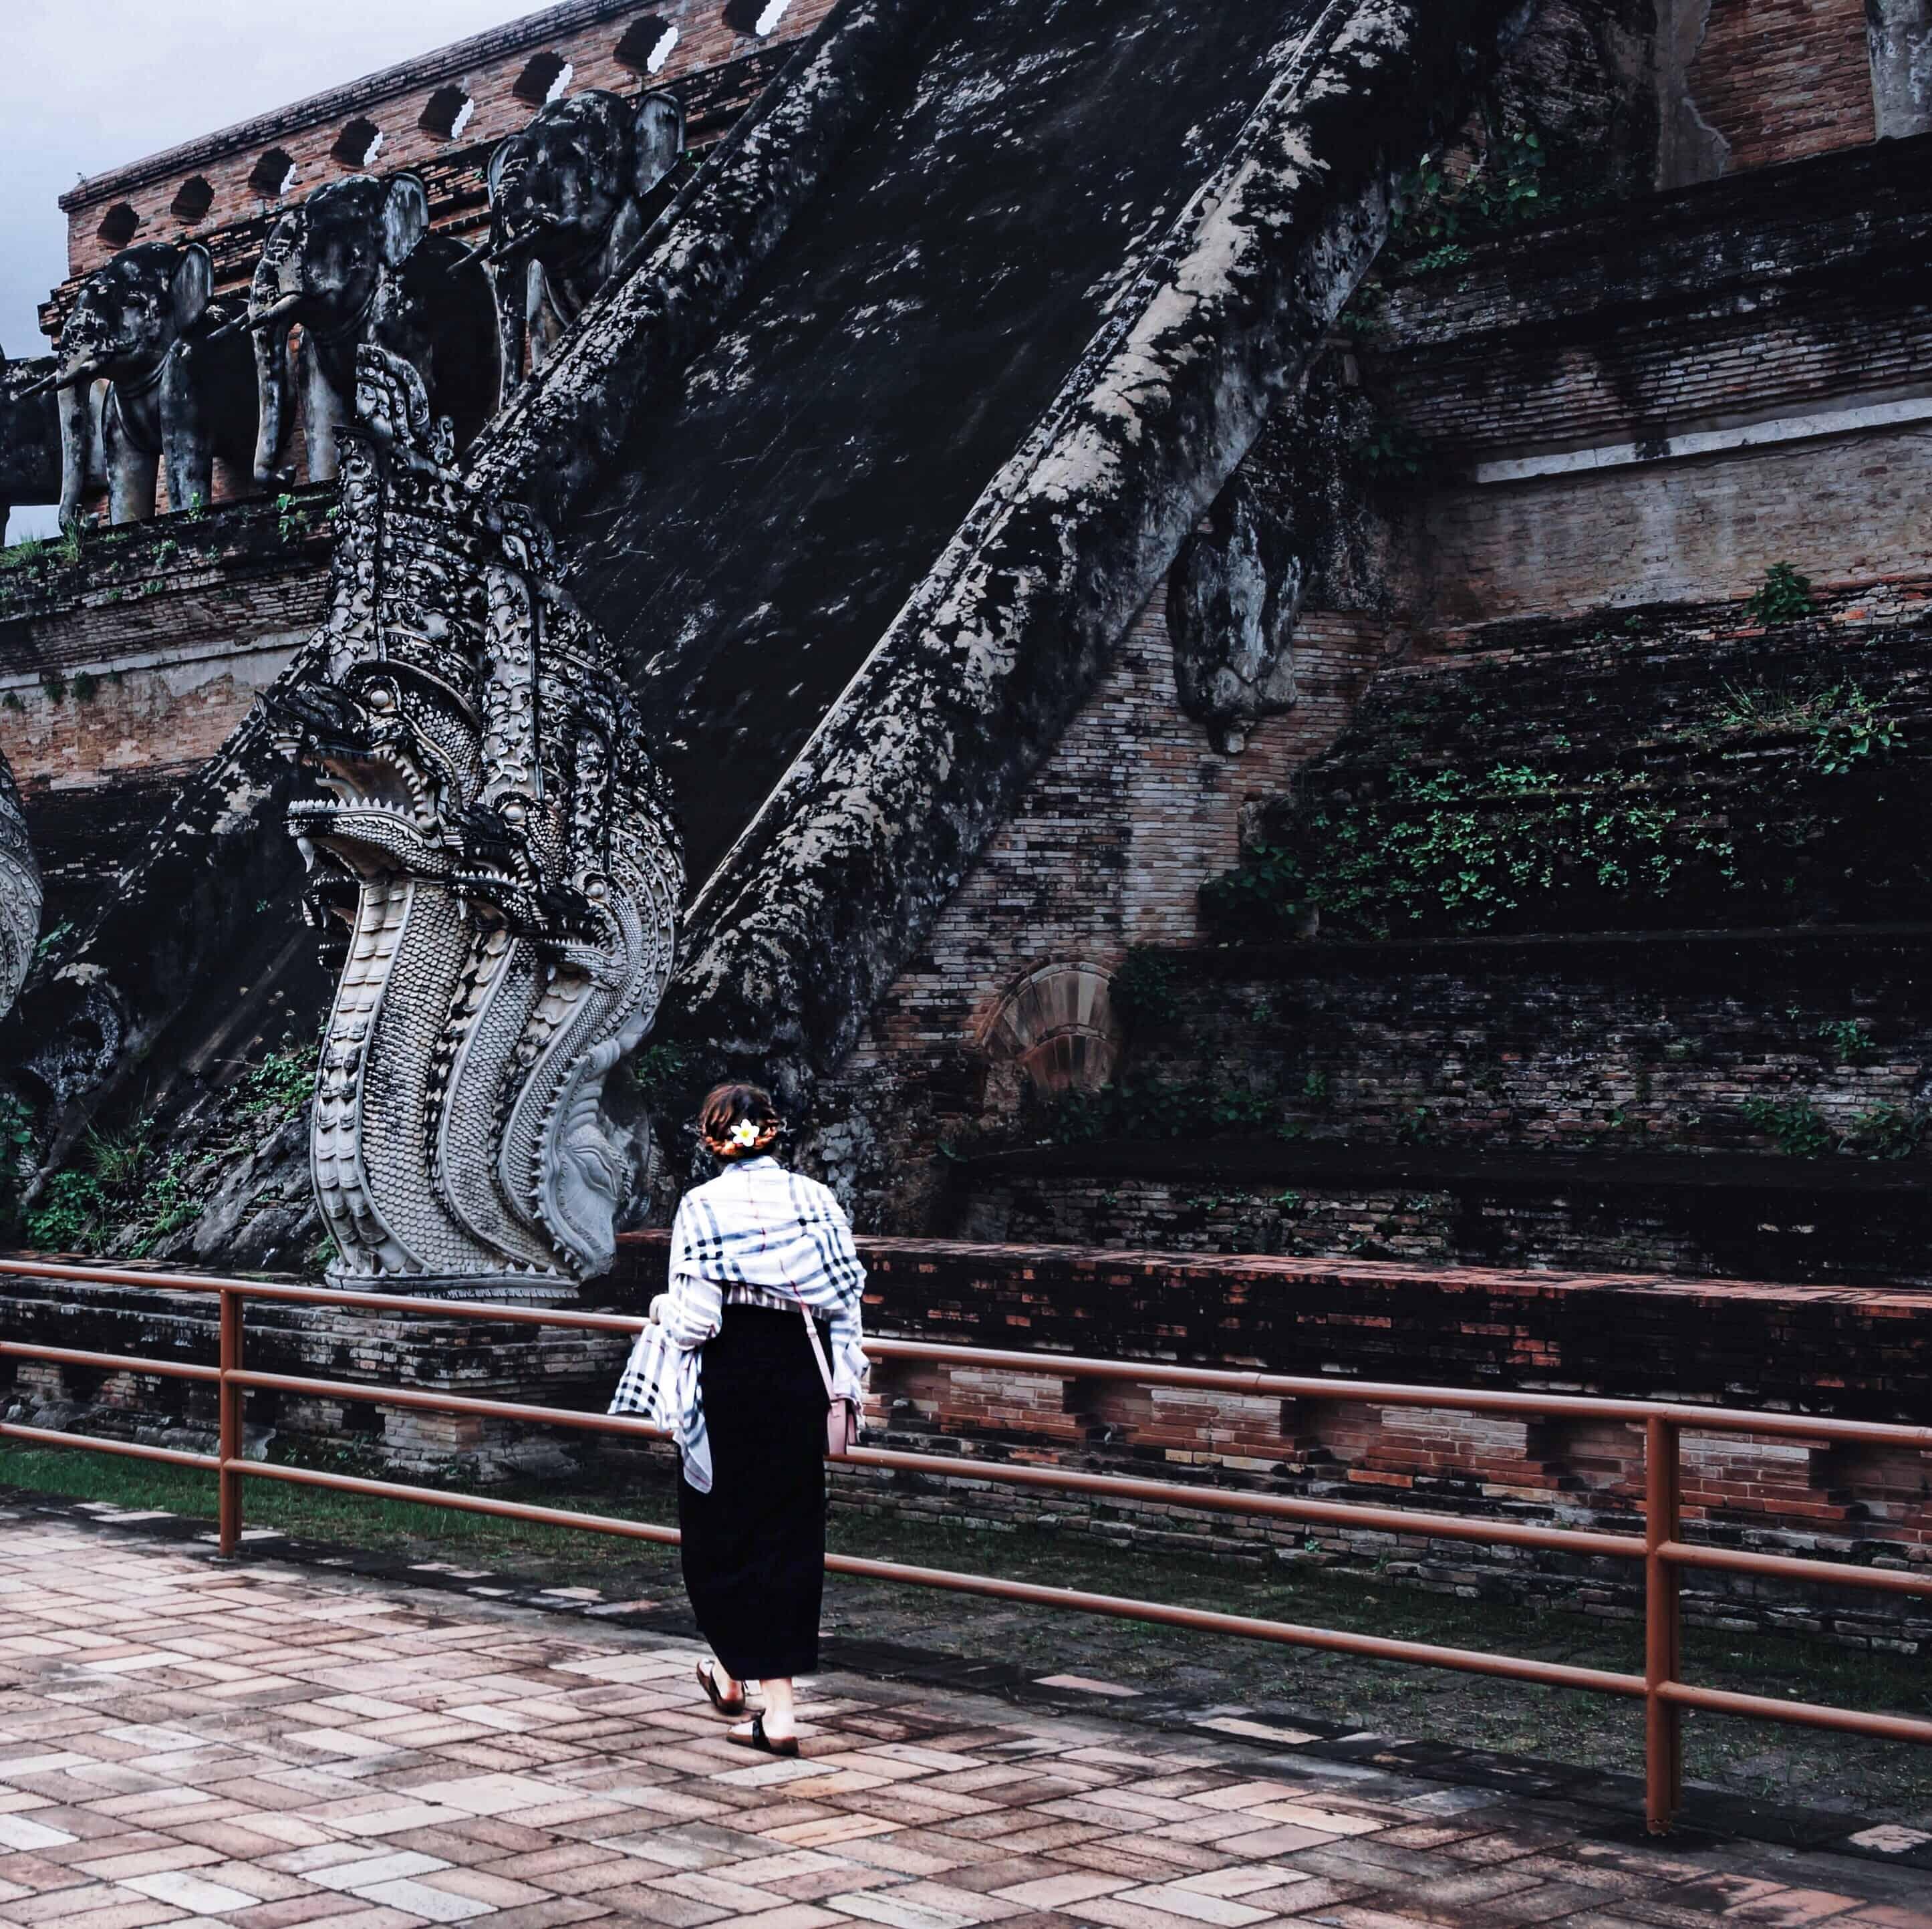 Thailand Tempeltour | schönsten Tempel in Thailand | Chiang Mai | Kleidung im Tempel | Richtlinien Tempelbesichtigung